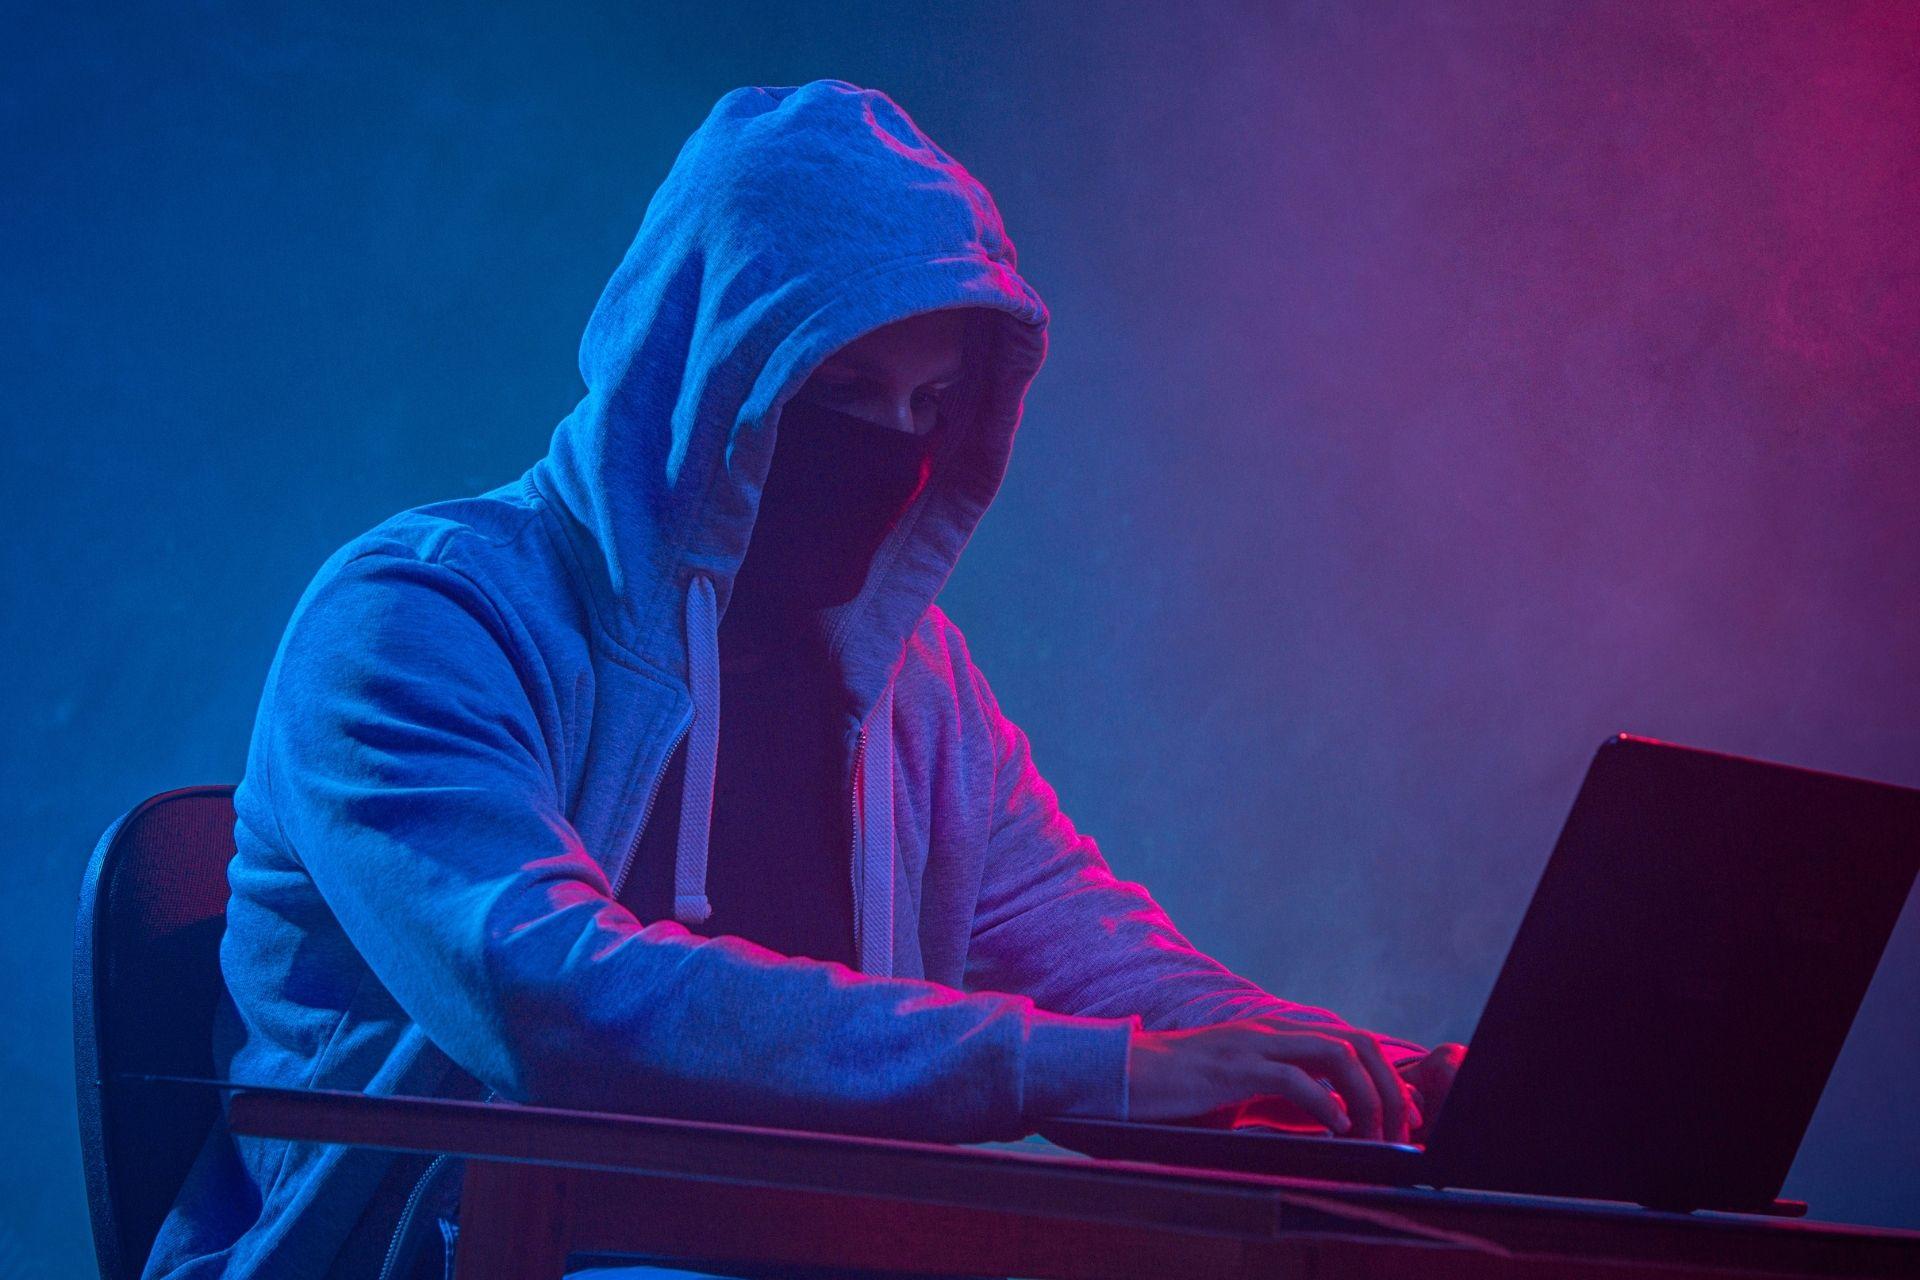 Cyber crimine e Covid-19